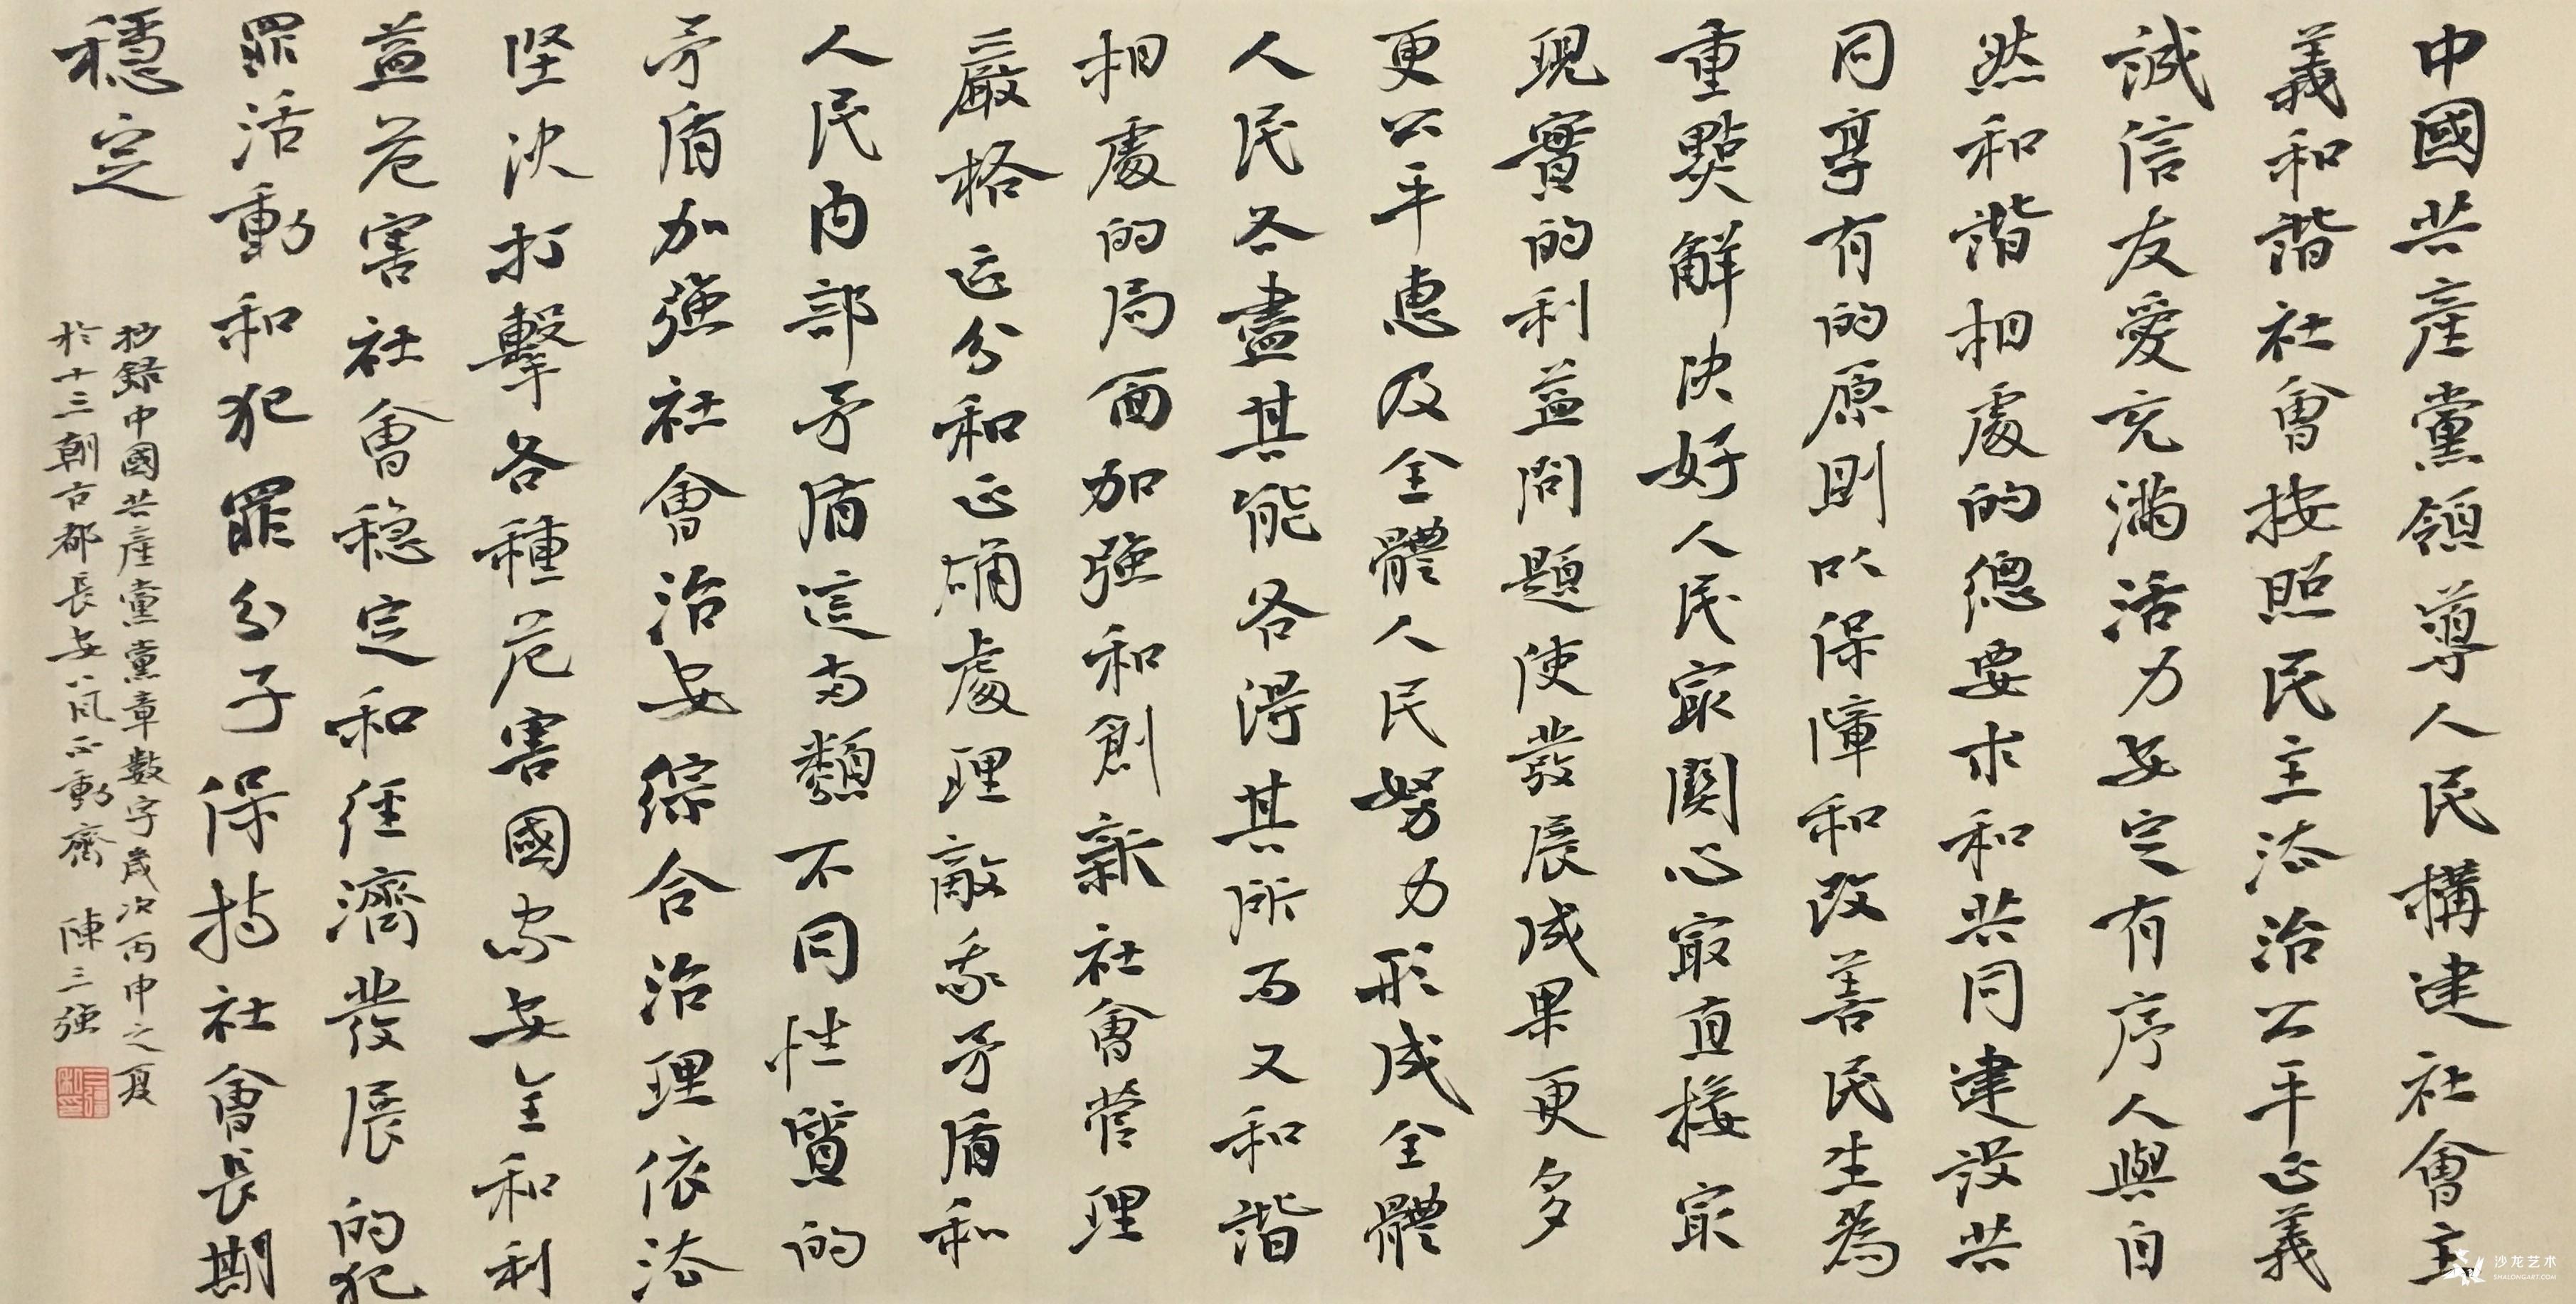 《中国共产党党章》节选 100x50cm